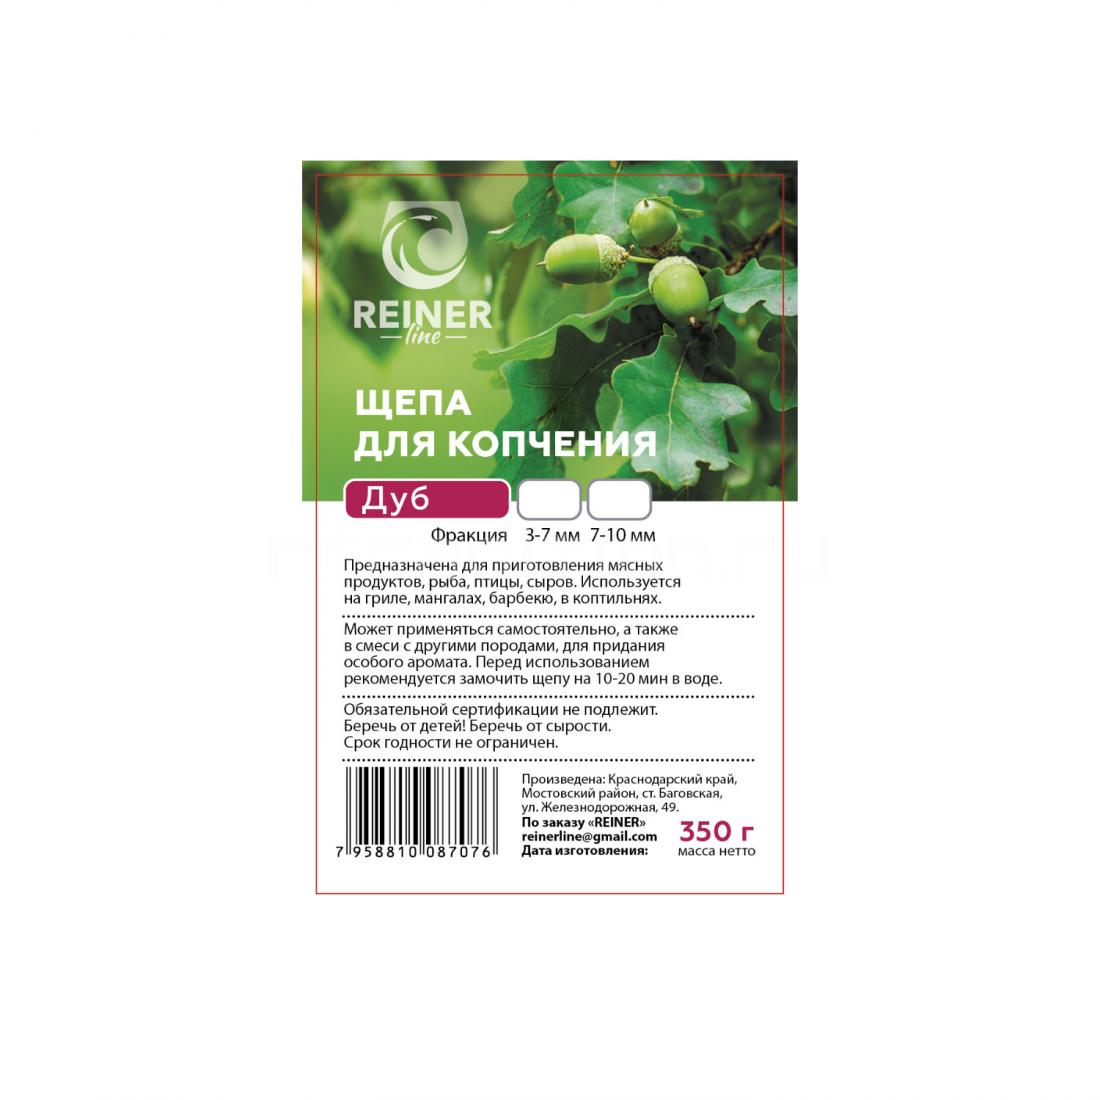 Щепа REINER, для копчения, Дуб, 350 гр